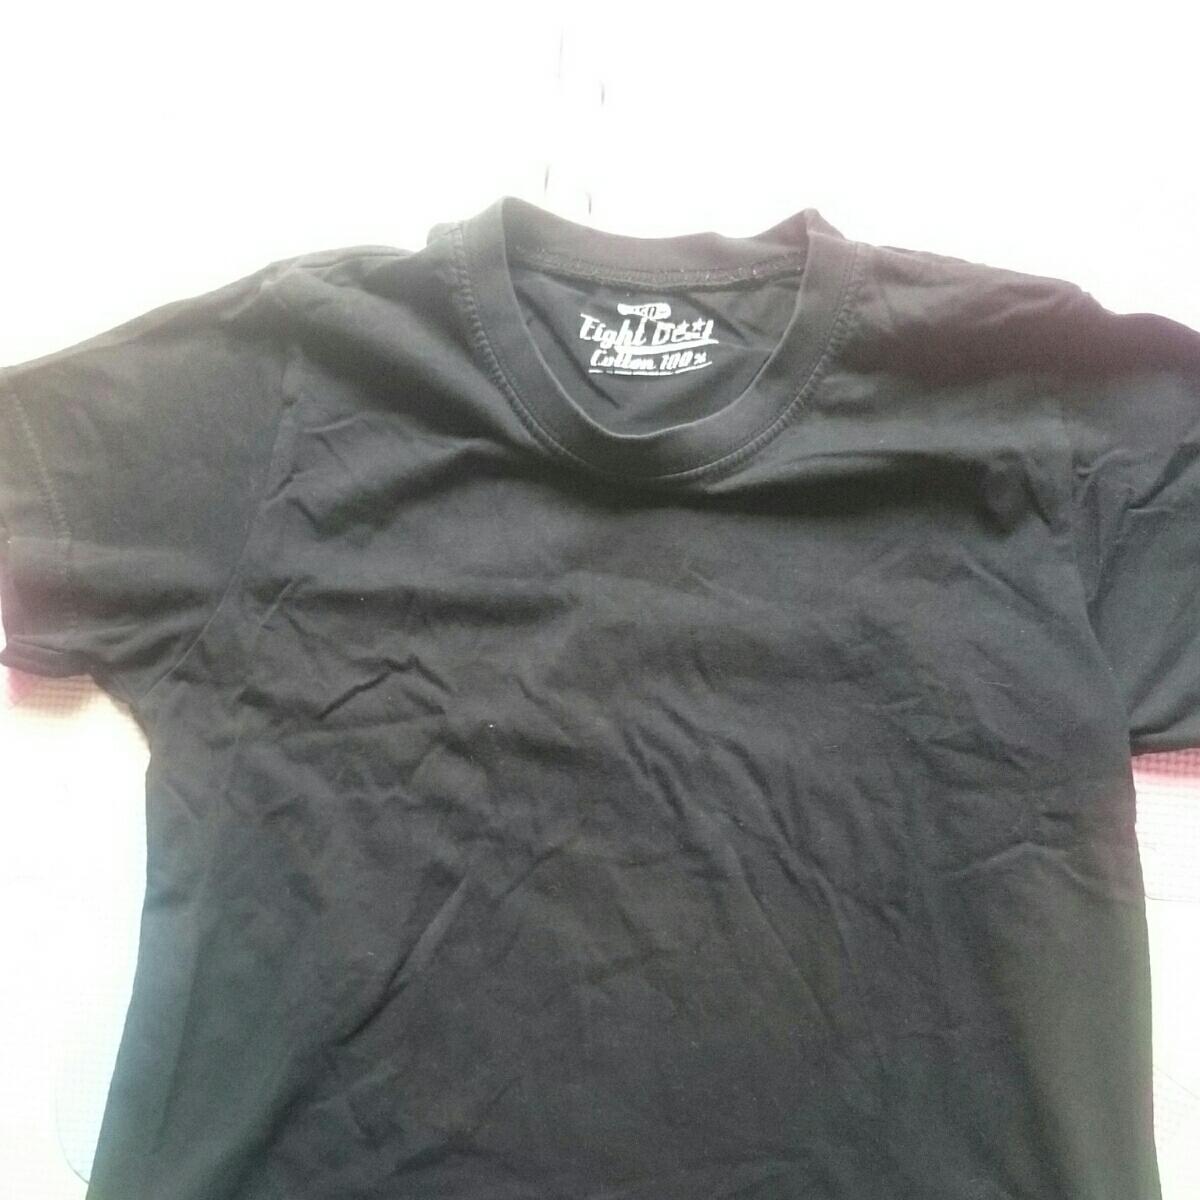 【即決!!】男の子用半そでTシャツ2枚セット 150㎝ ④ブラック2枚 下着/インナーにも_画像6